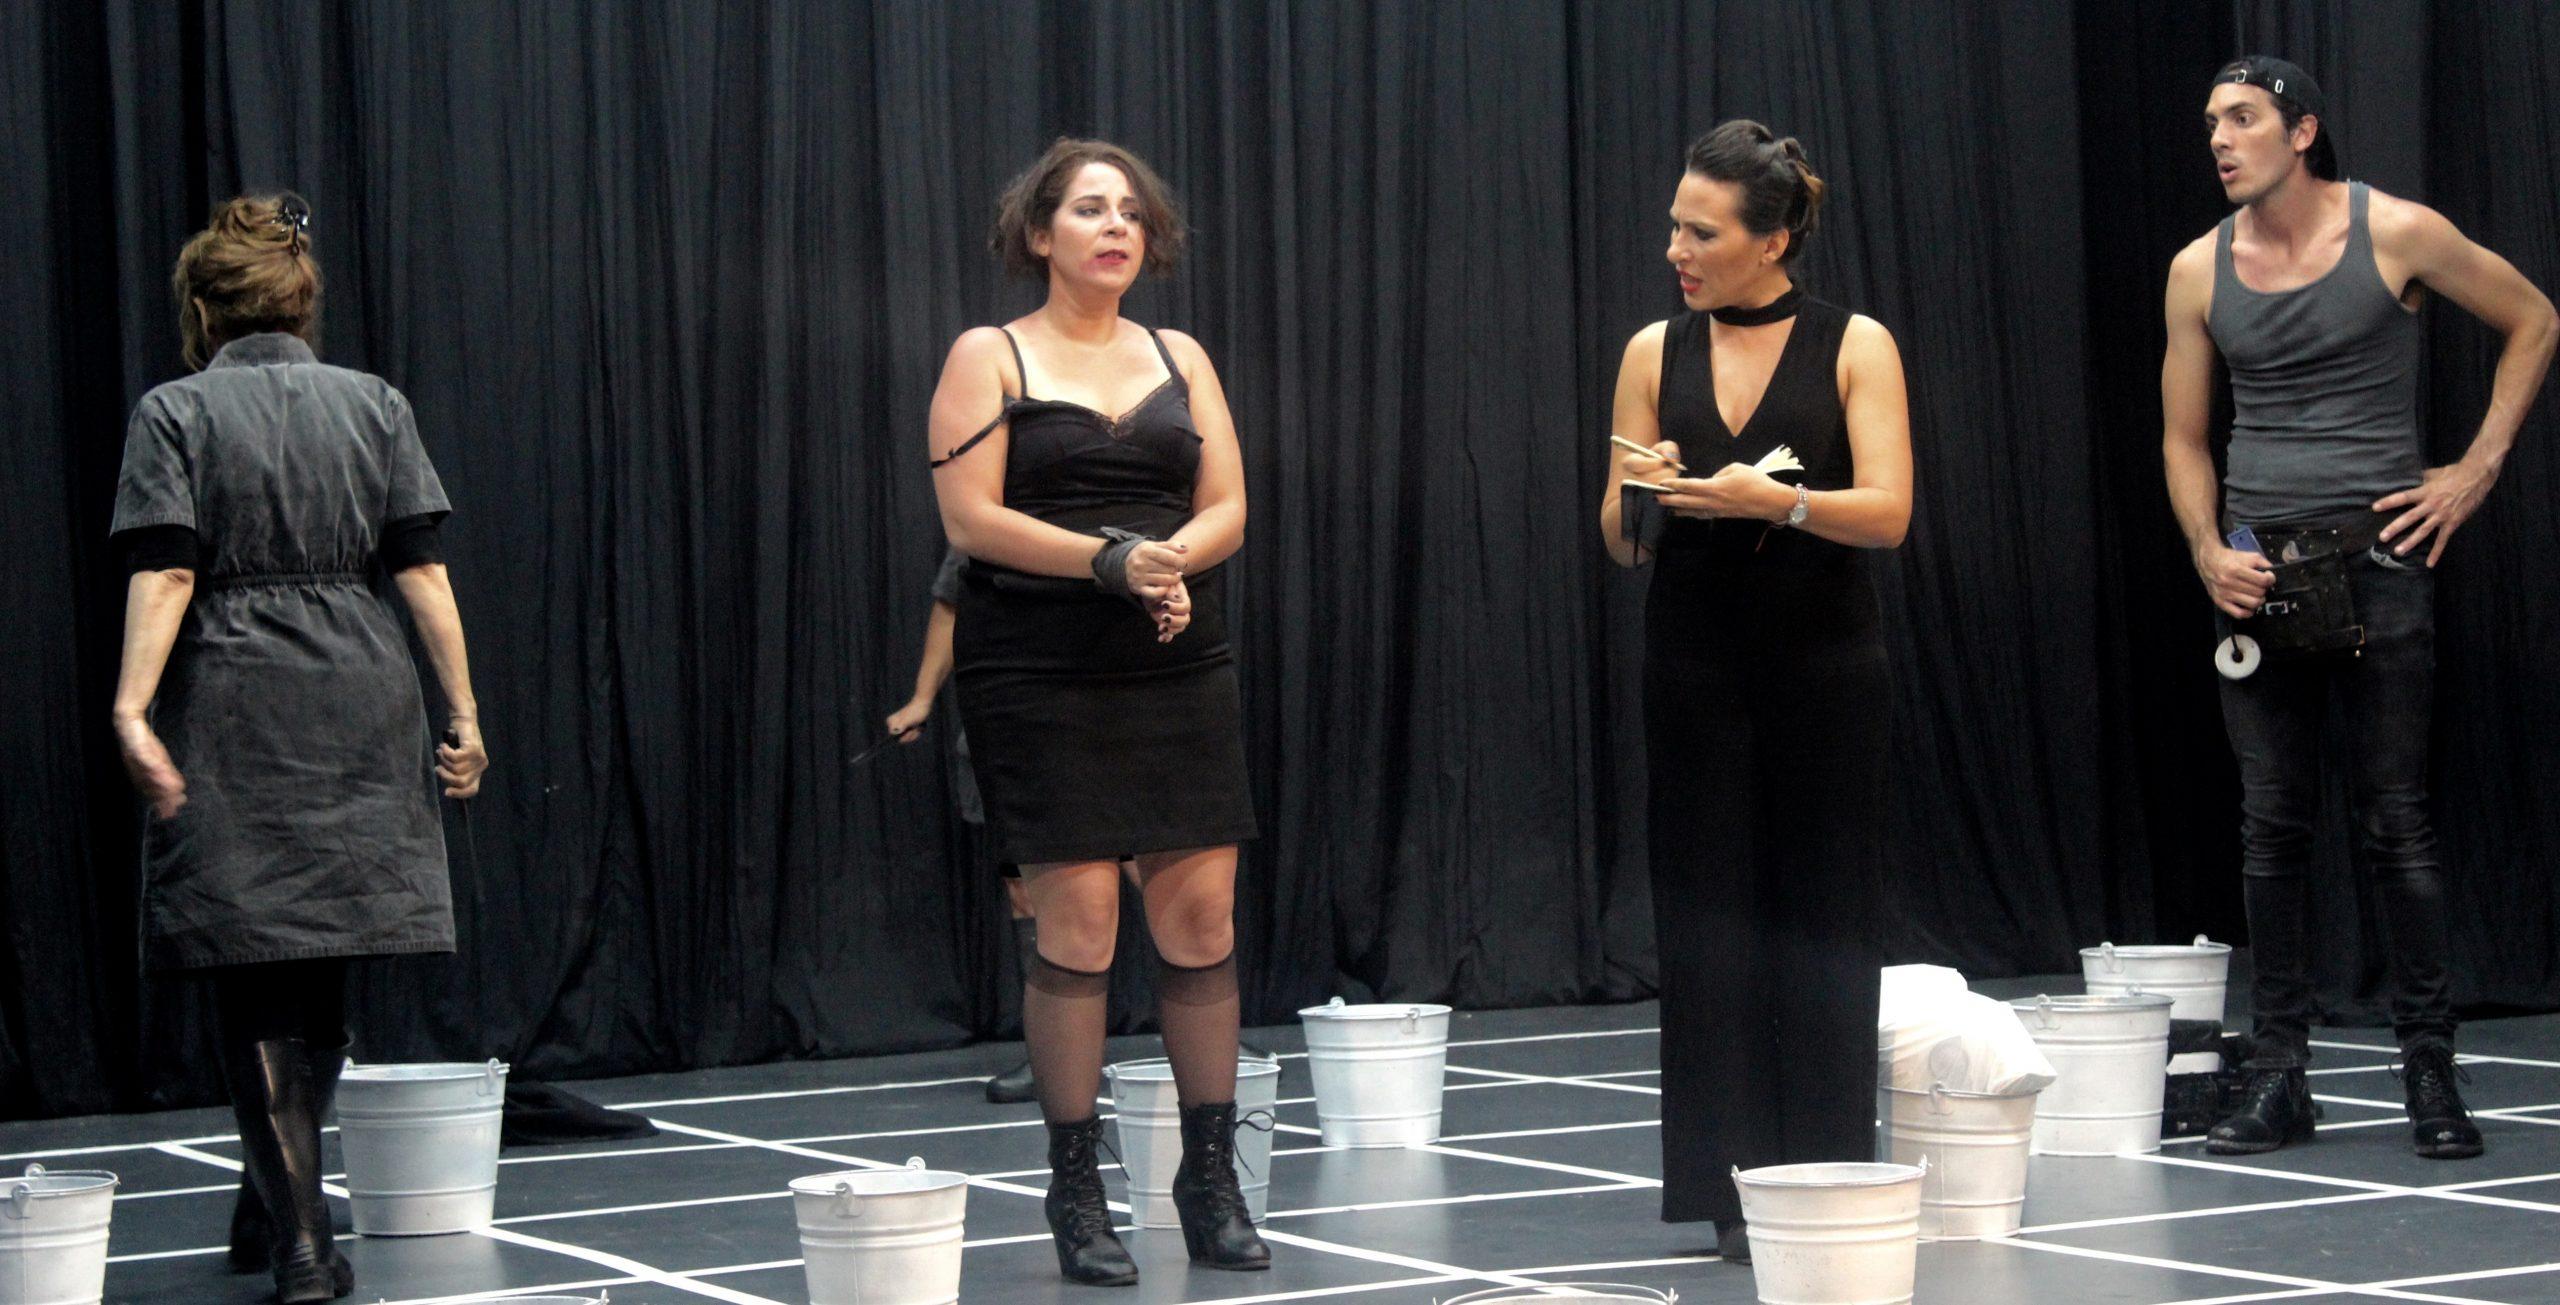 """La actriz barranquiteña (tercera de izquierda a derecha) formó parte del elenco de """"Hay motín, compañeras"""" en el FITE 2016. (Foto Ernesto Rentas)"""